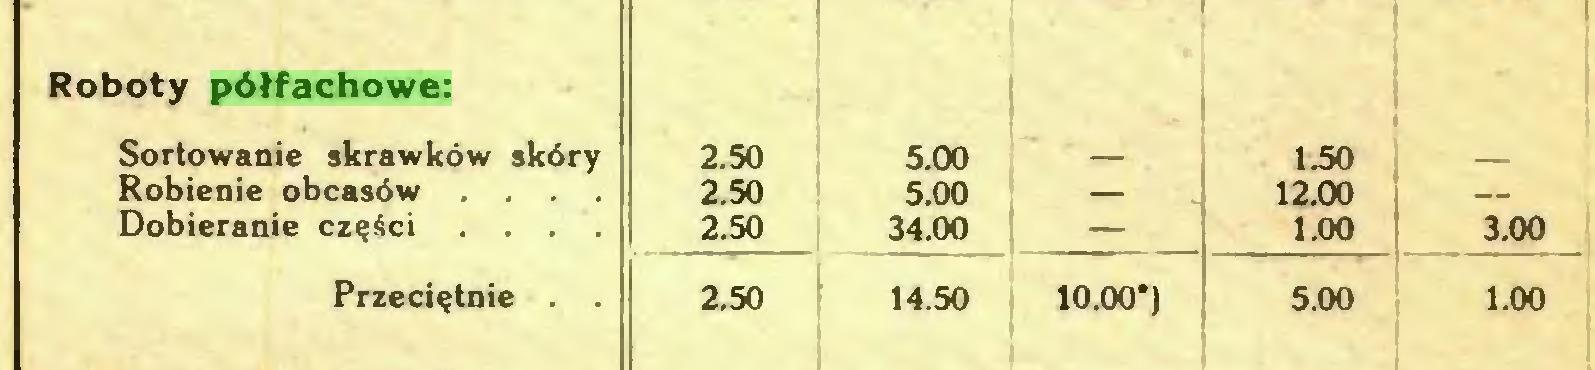 (...) Roboty półfachowe: n   Sortowanie skrawków skóry 2.50 5.00 — 1.50 Robienie obcasów ... 2.50 5.00 — 12.00 — Dobieranie części ... 2.50 34.00 1.00 3.00 Przeciętnie . . 2.50 14.50 10.00*) 5.00 1.00...